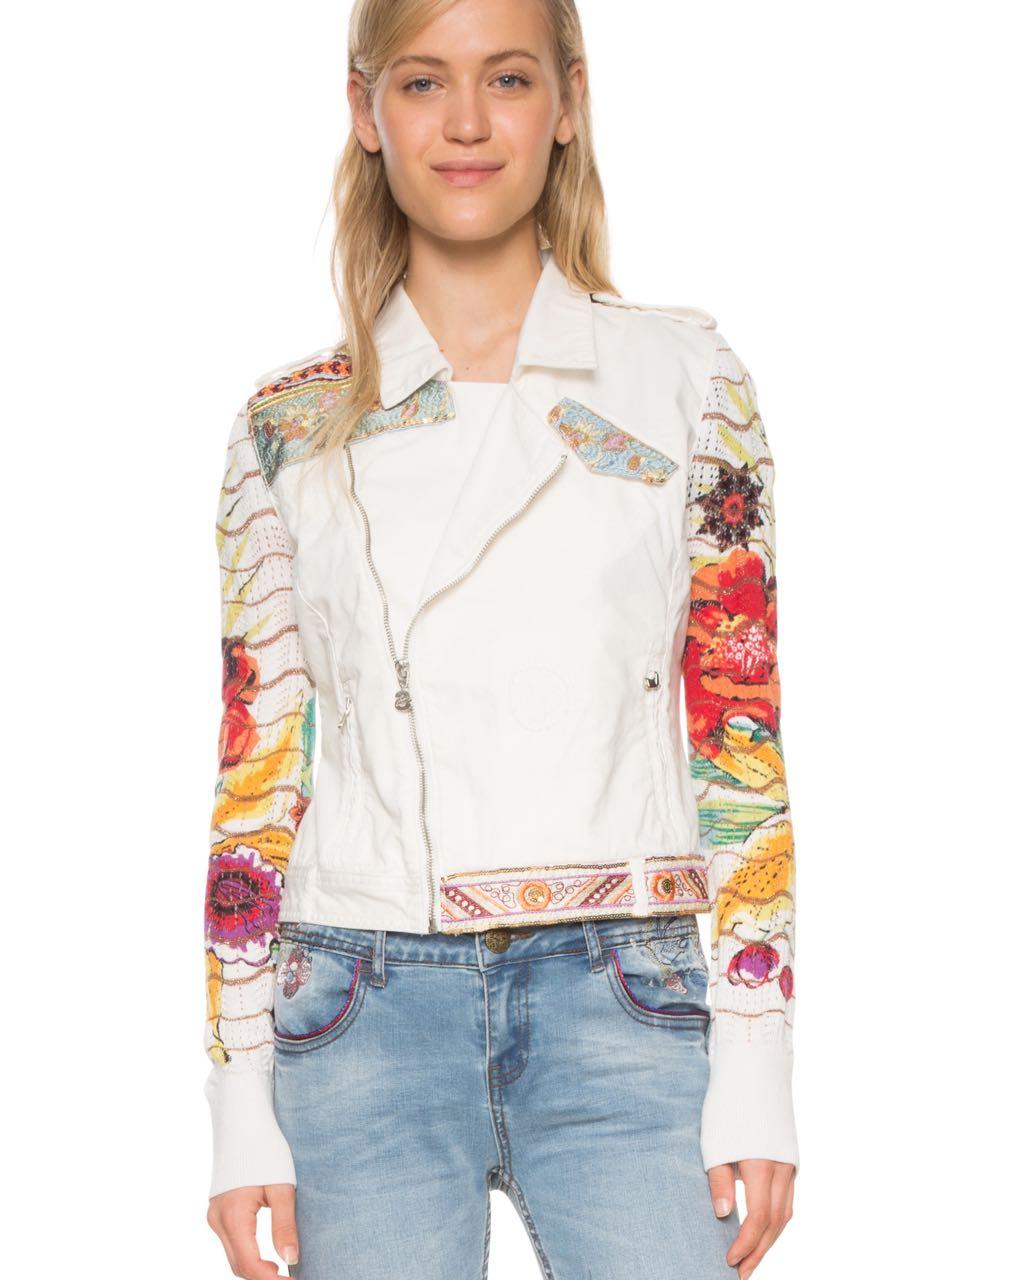 Buy online jacket